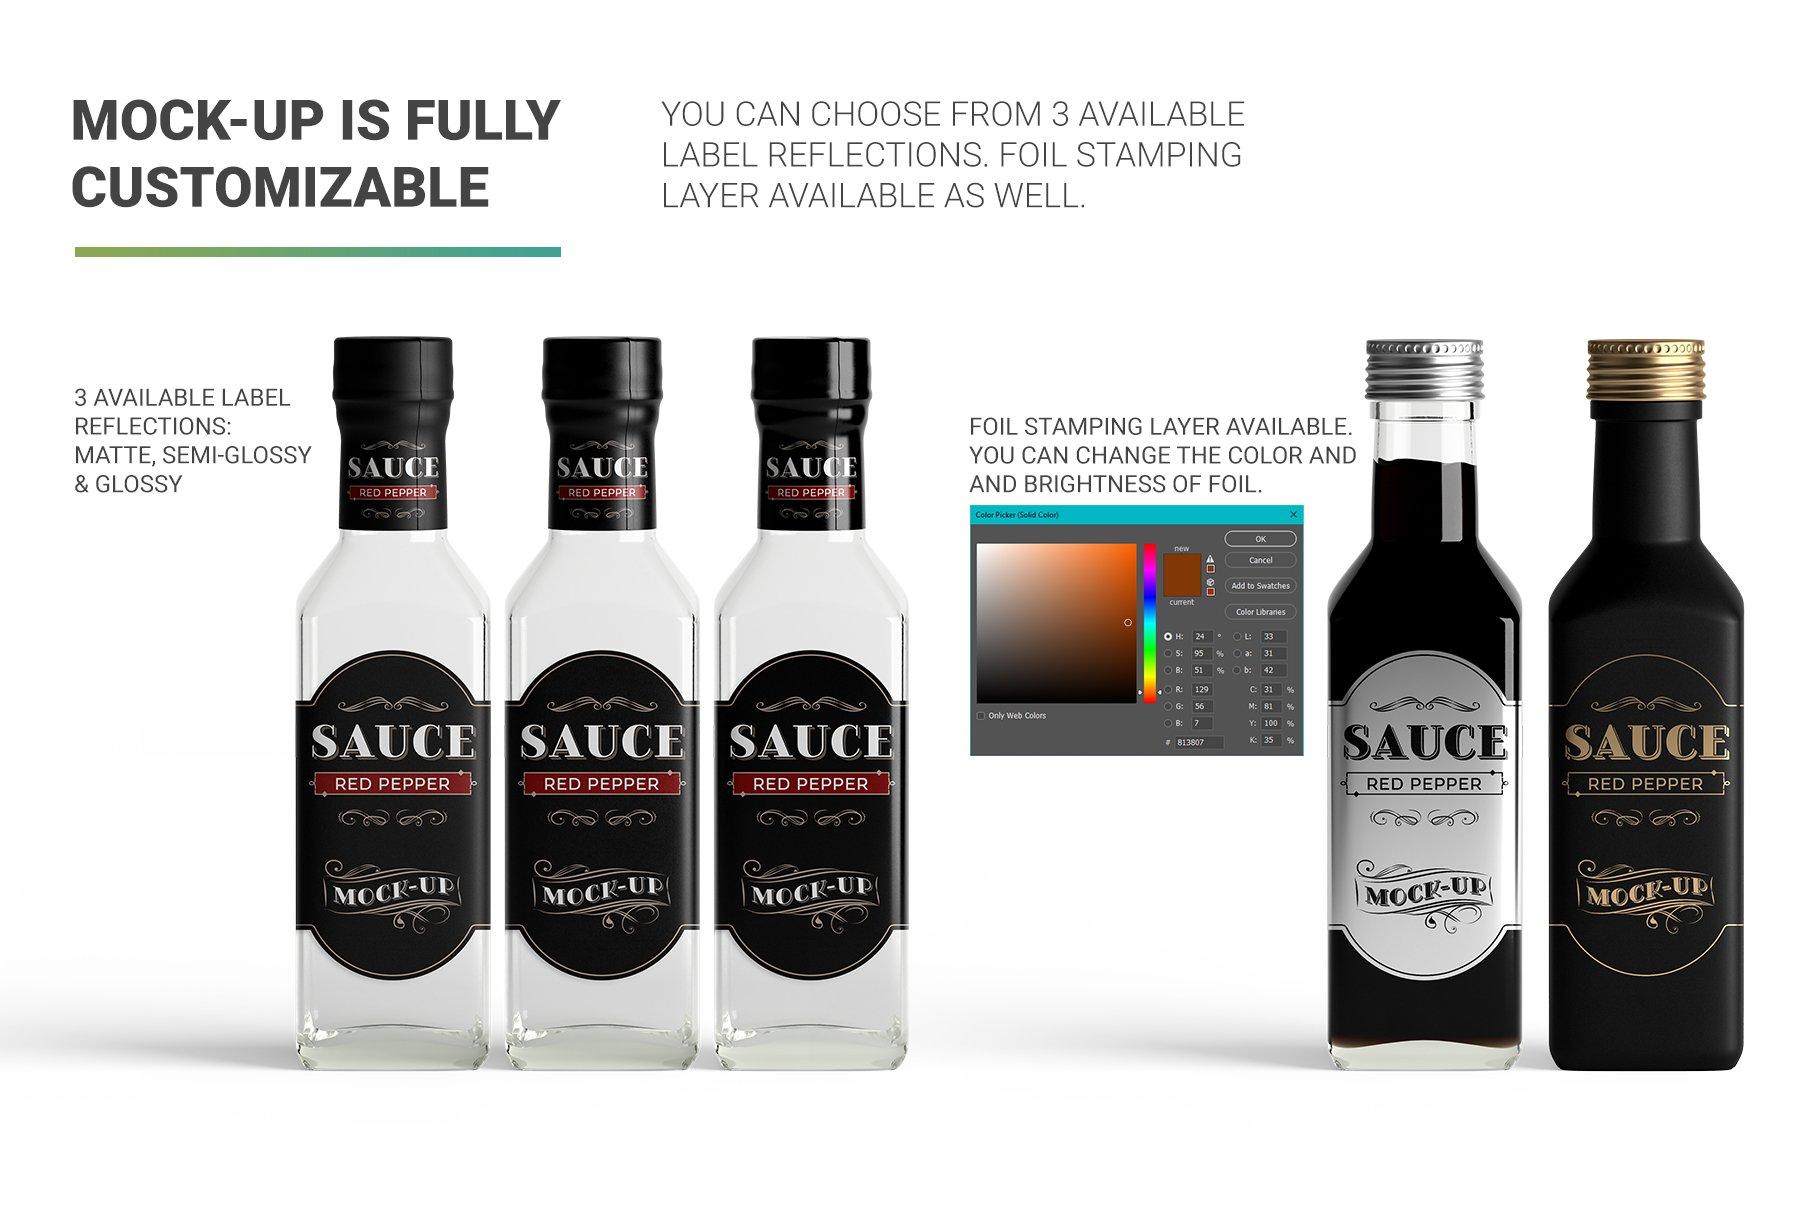 方形玻璃果酱酱油瓶样机 Sauce Bottle Mockup插图(7)